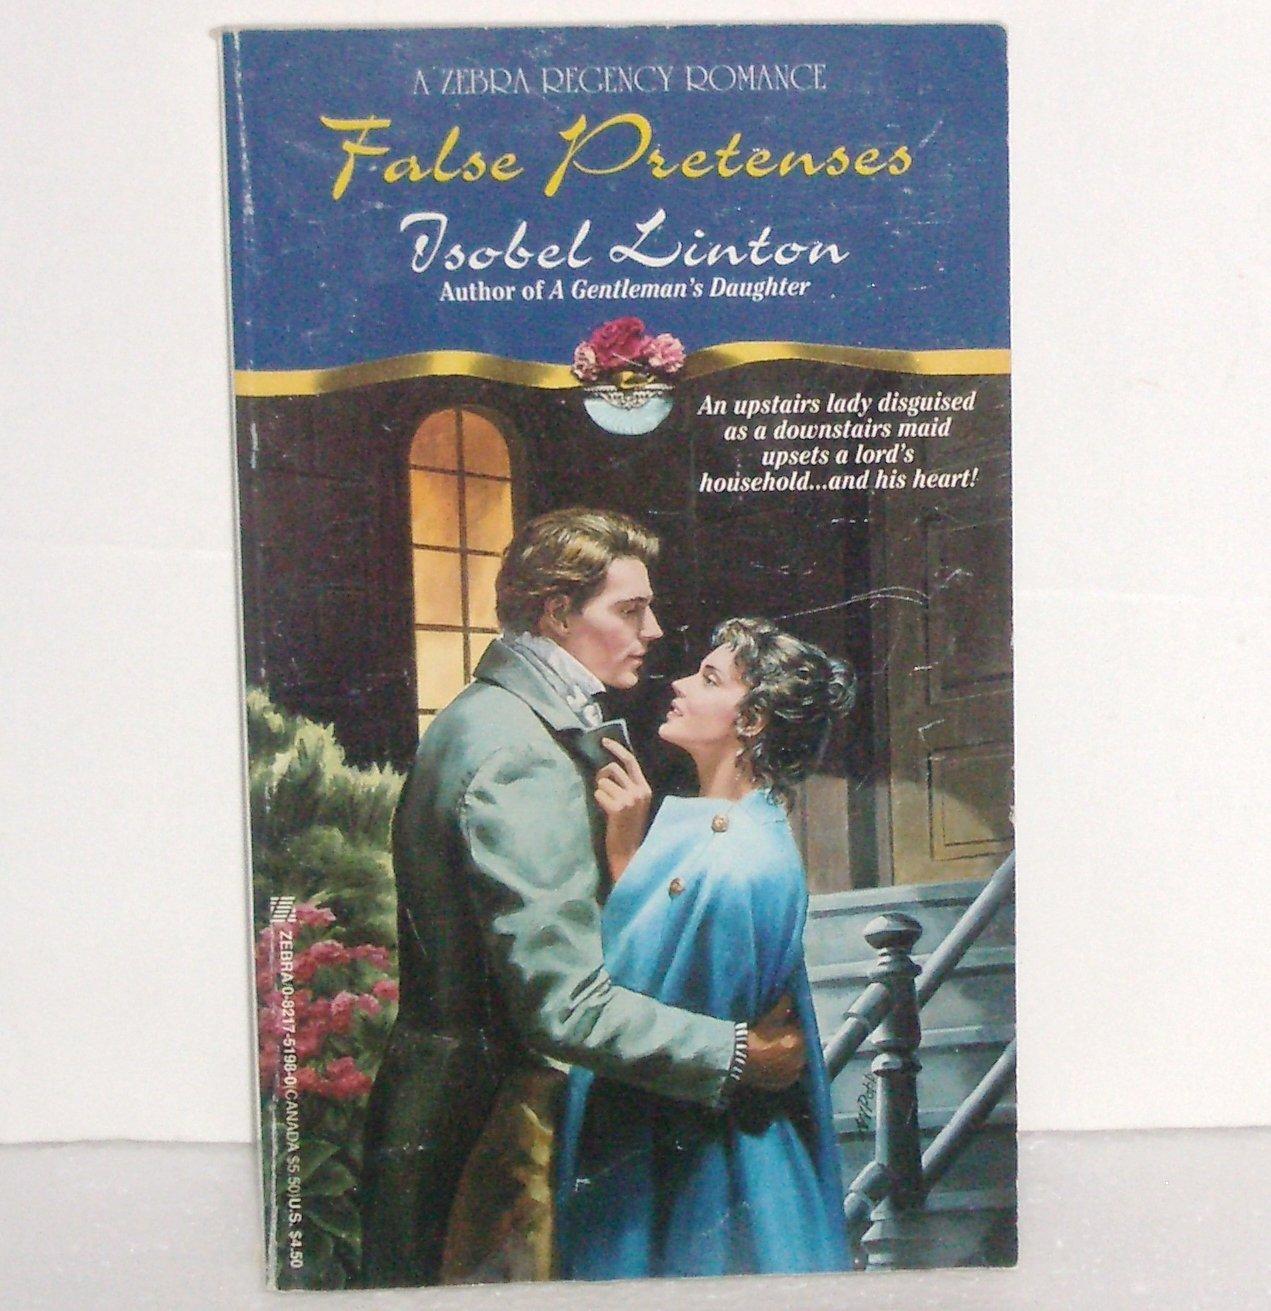 False Pretenses by ISOBEL LINTON Slim Zebra Historical Regency Romance 1996